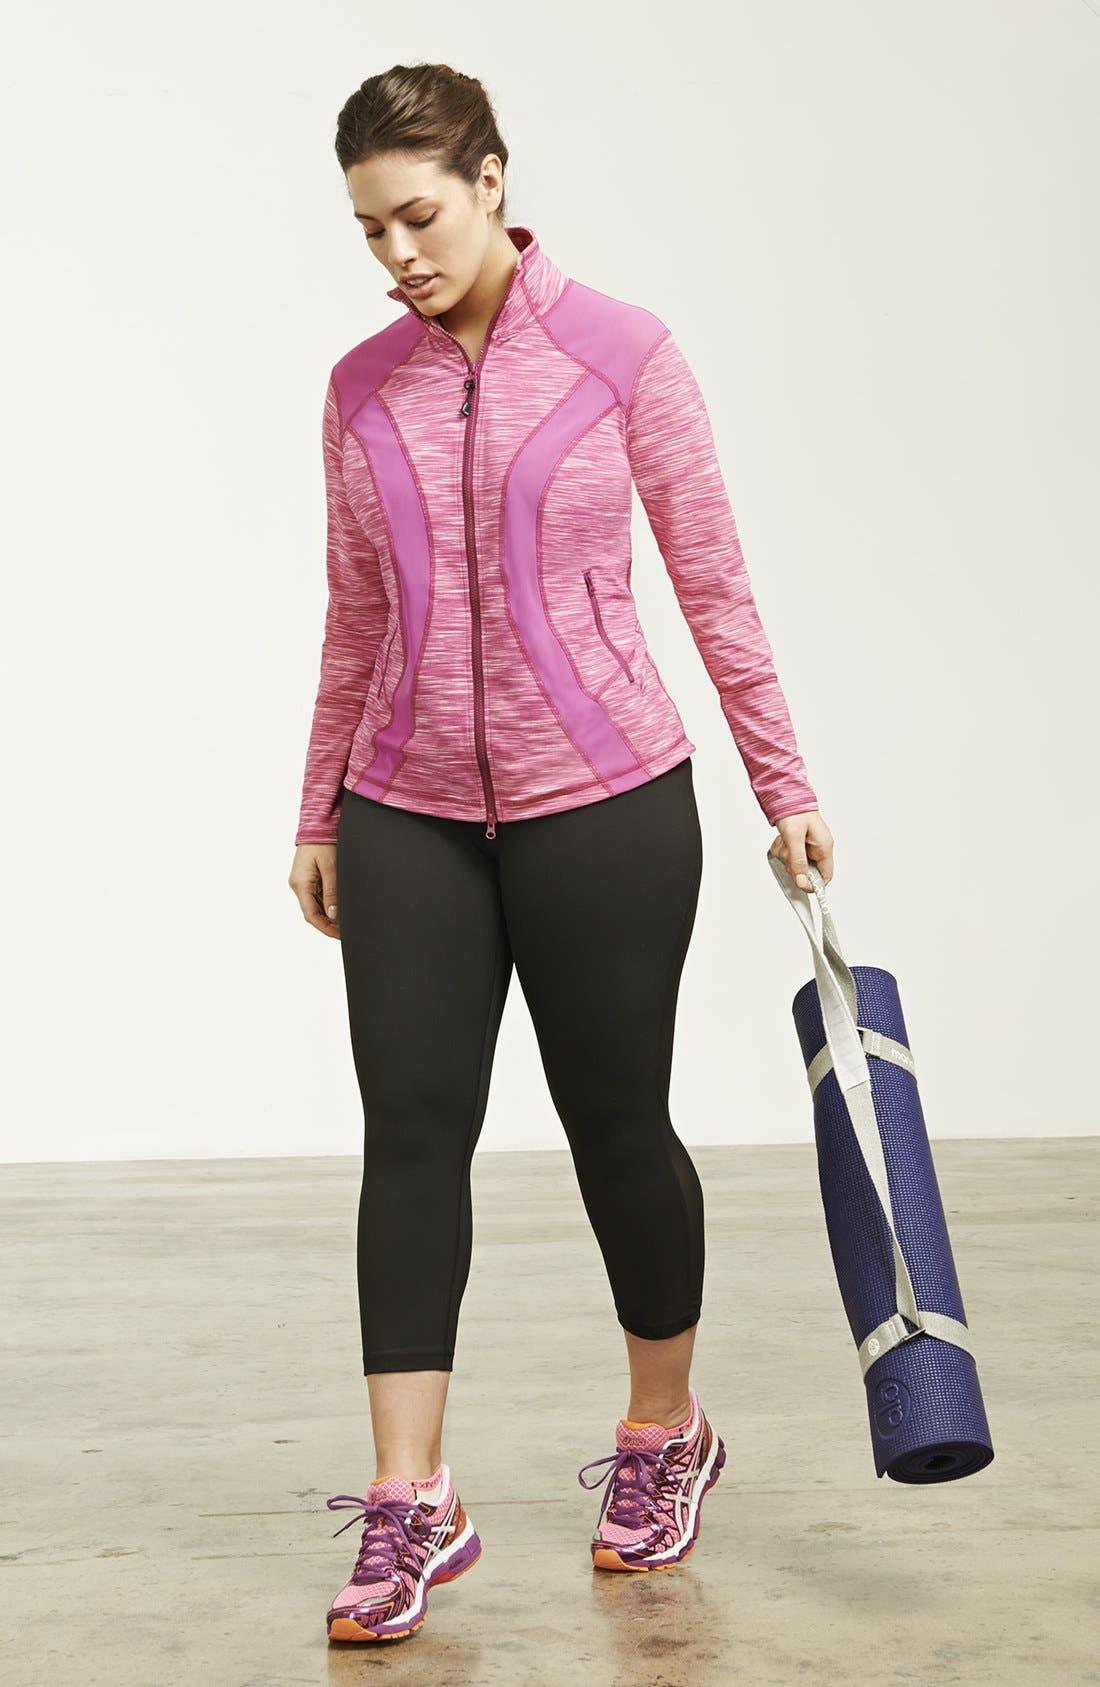 Alternate Image 1 Selected - Zella Jacket & Capri Leggings